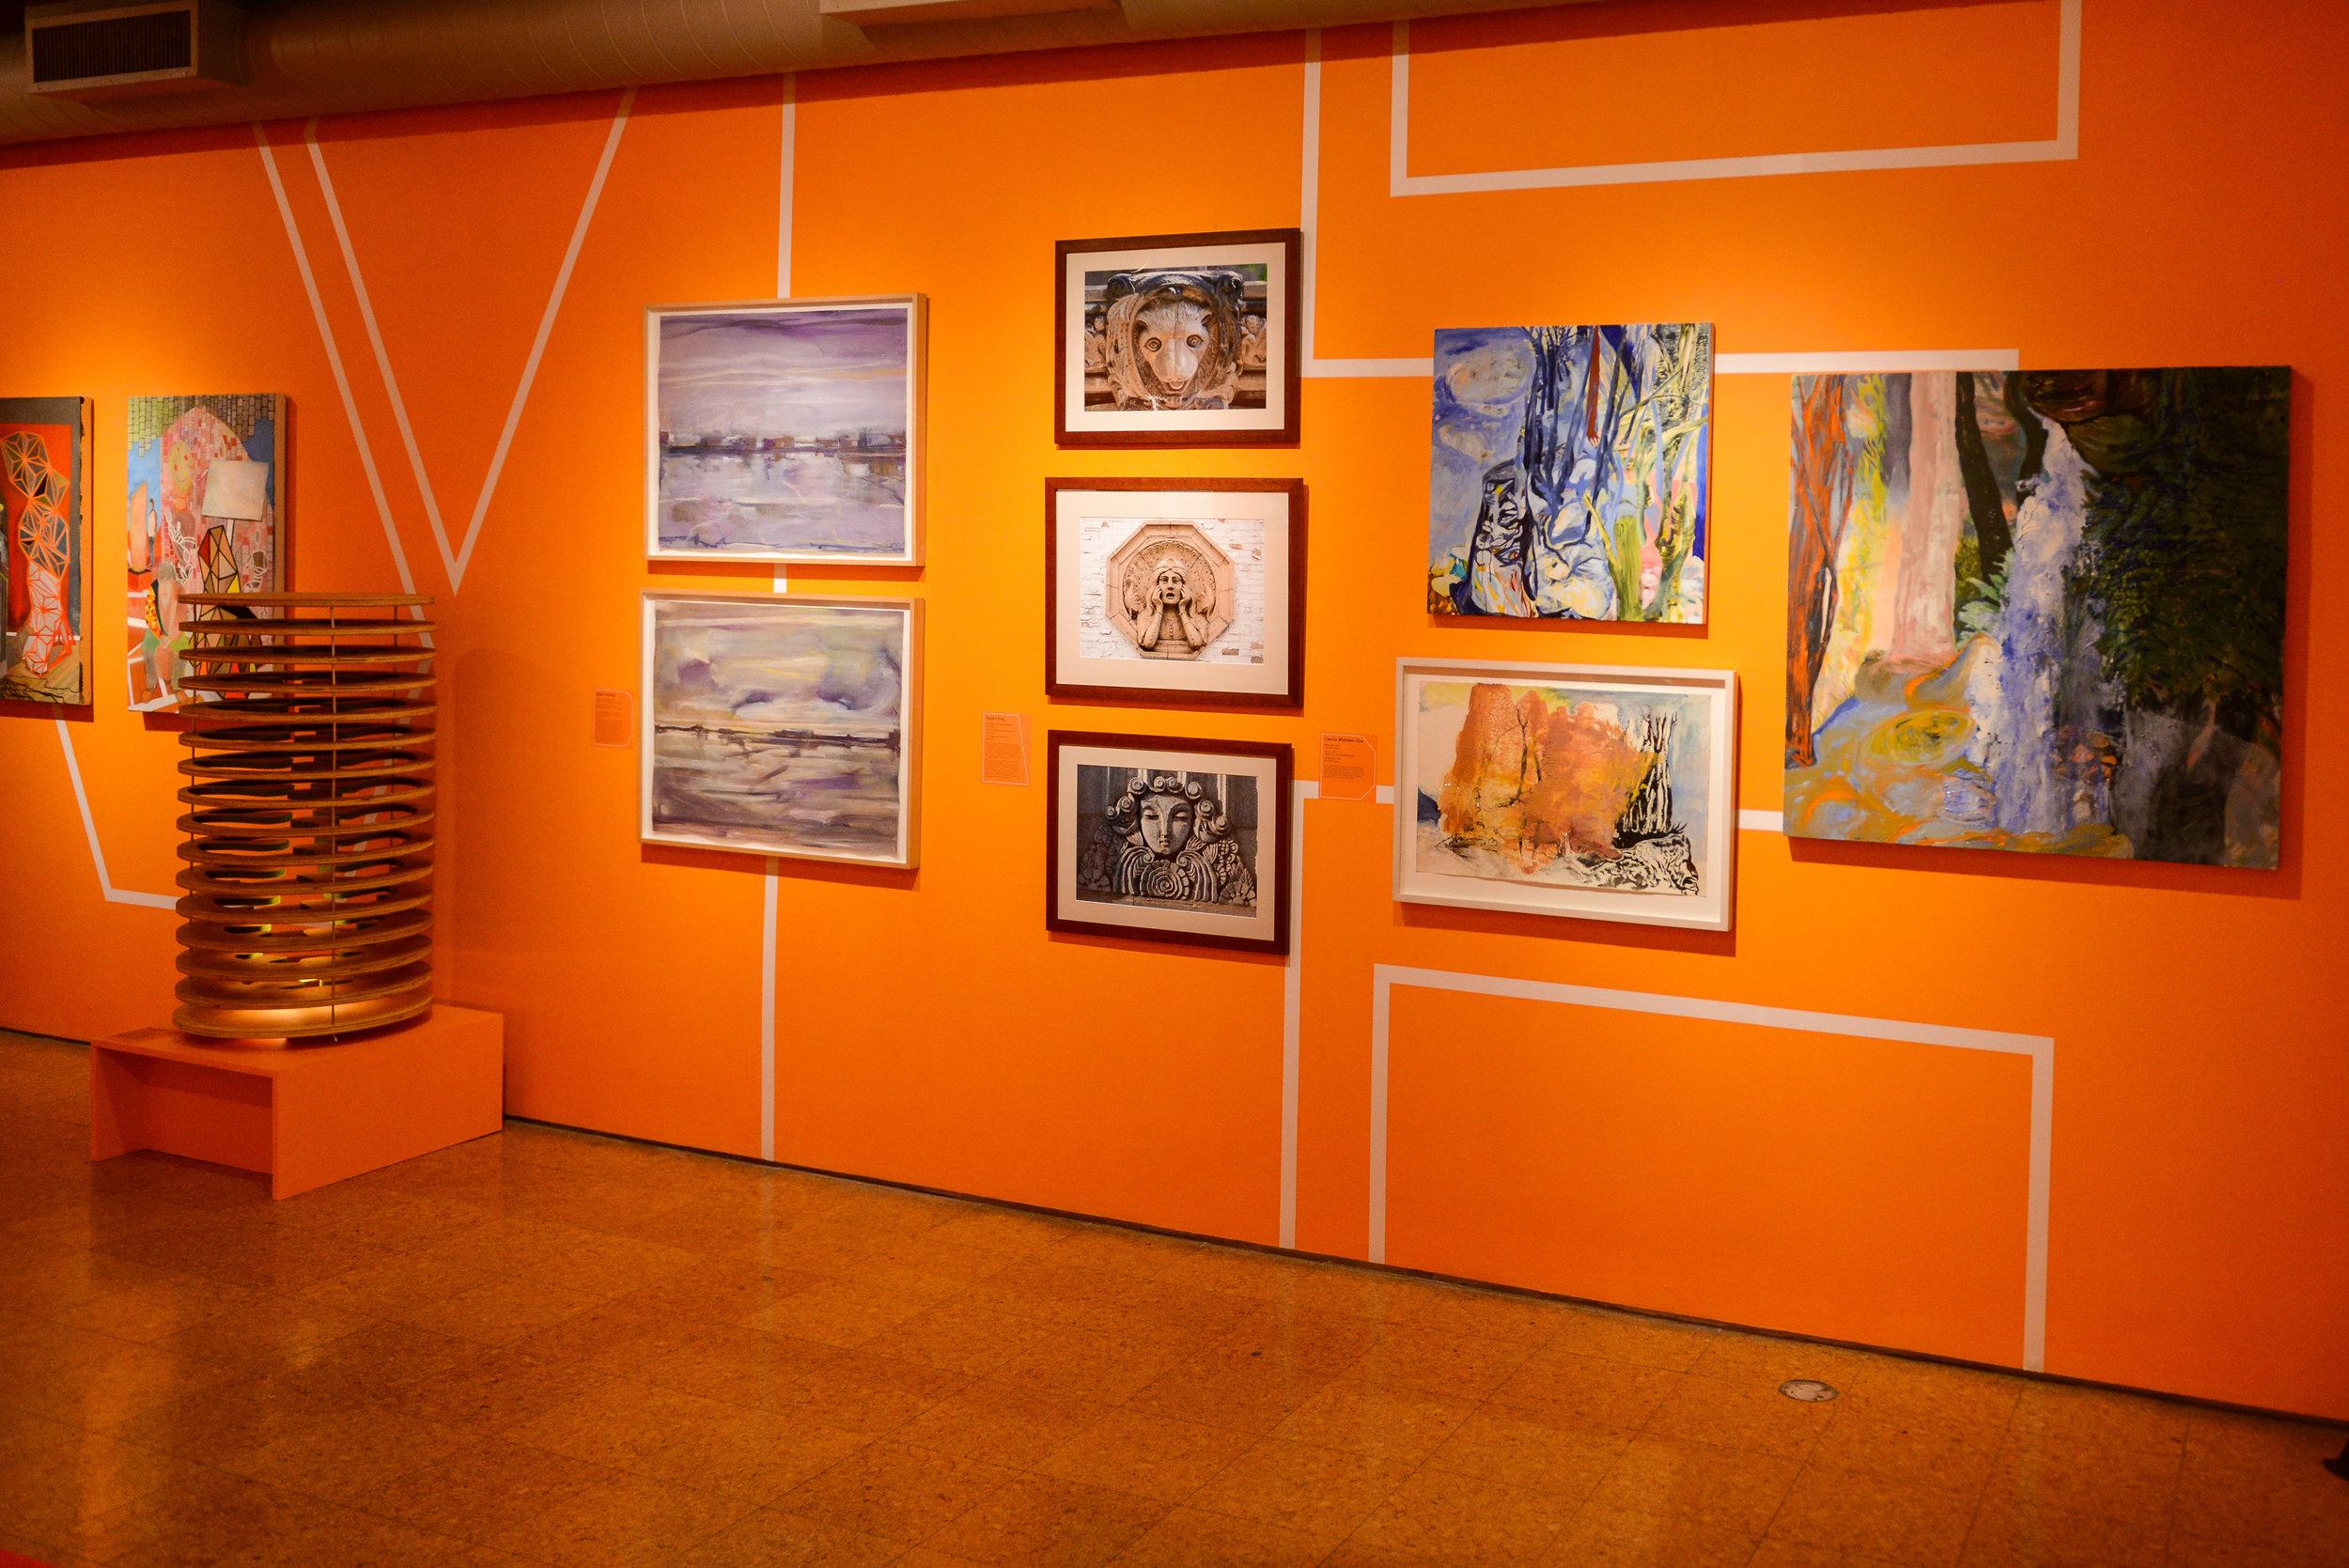 creative-scholarship-a-nysid-faculty-exhibition_36804089504_o[1].jpg